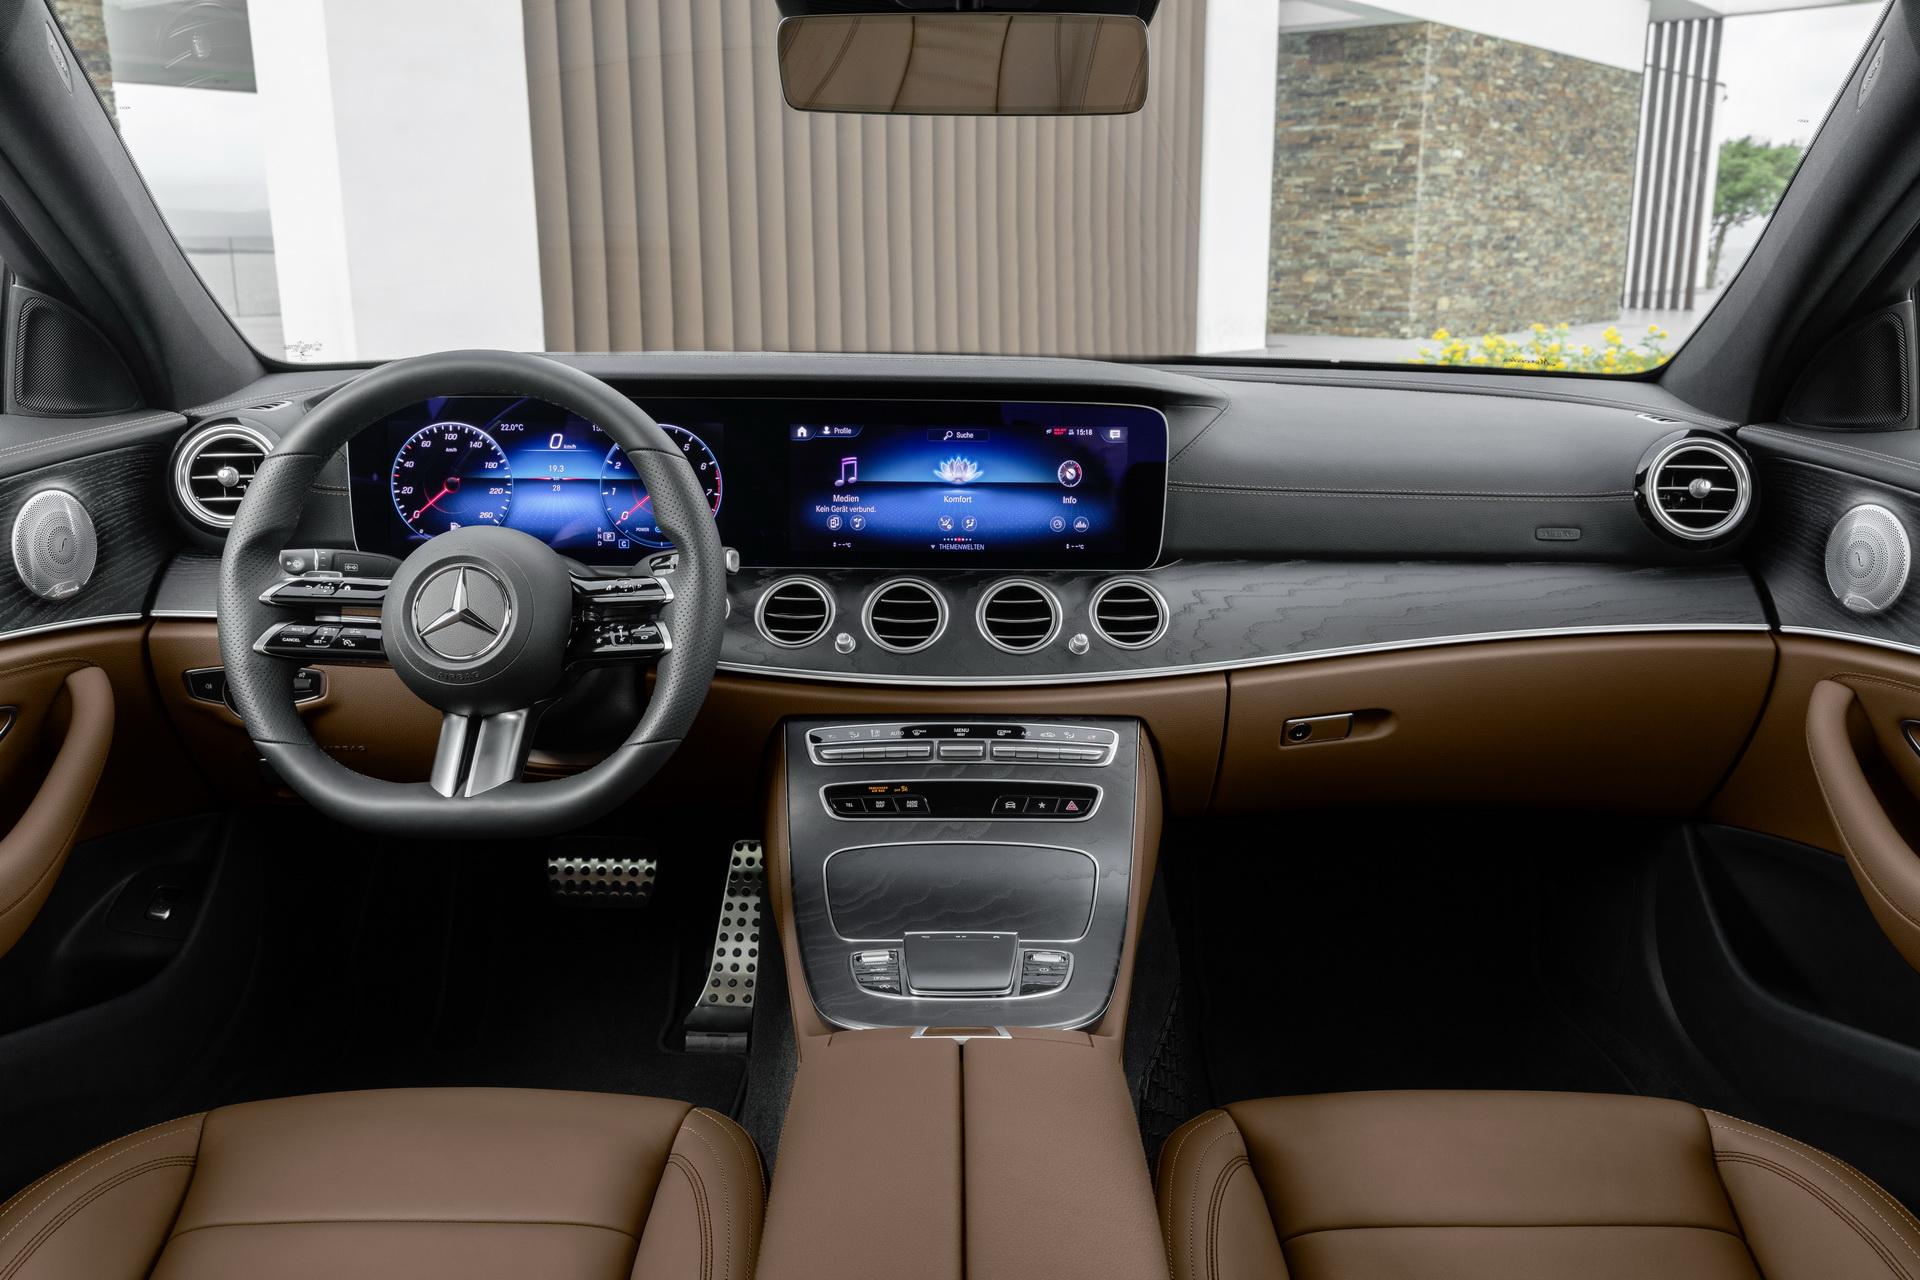 Mercedes E-class bản Coupe mui trần sẽ trang bị thiết kế vô-lăng mới